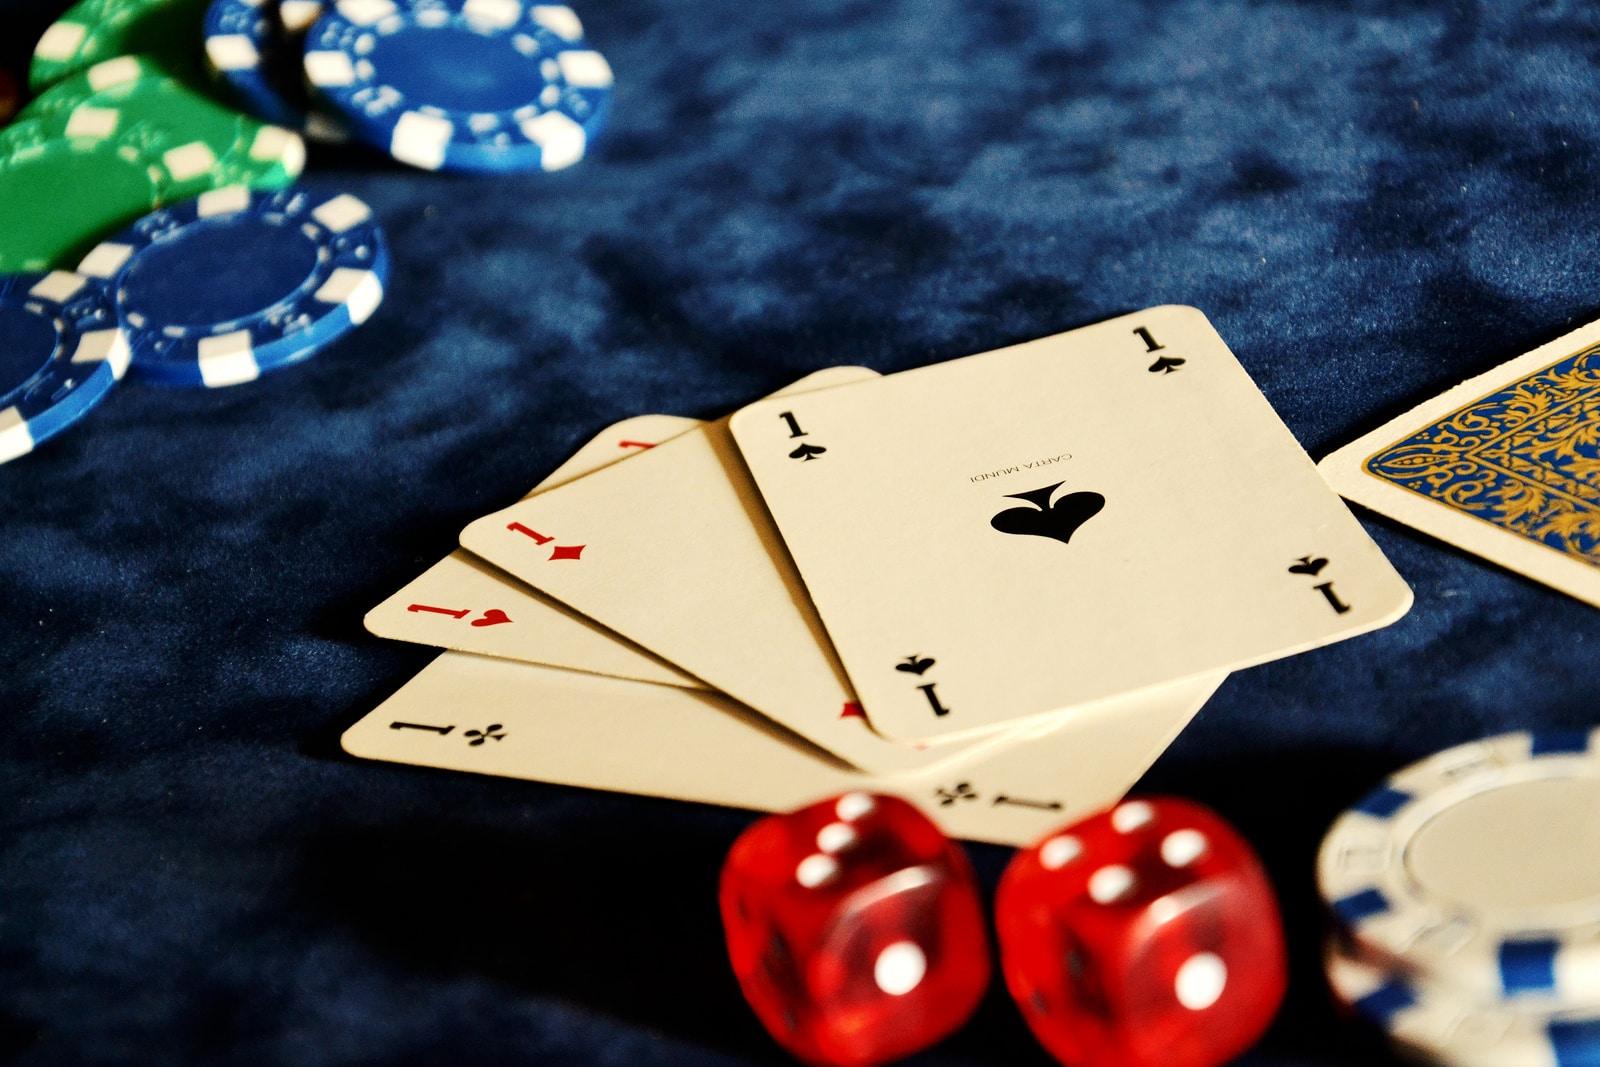 Jeux de casino pour gagner de l'argent en ligne